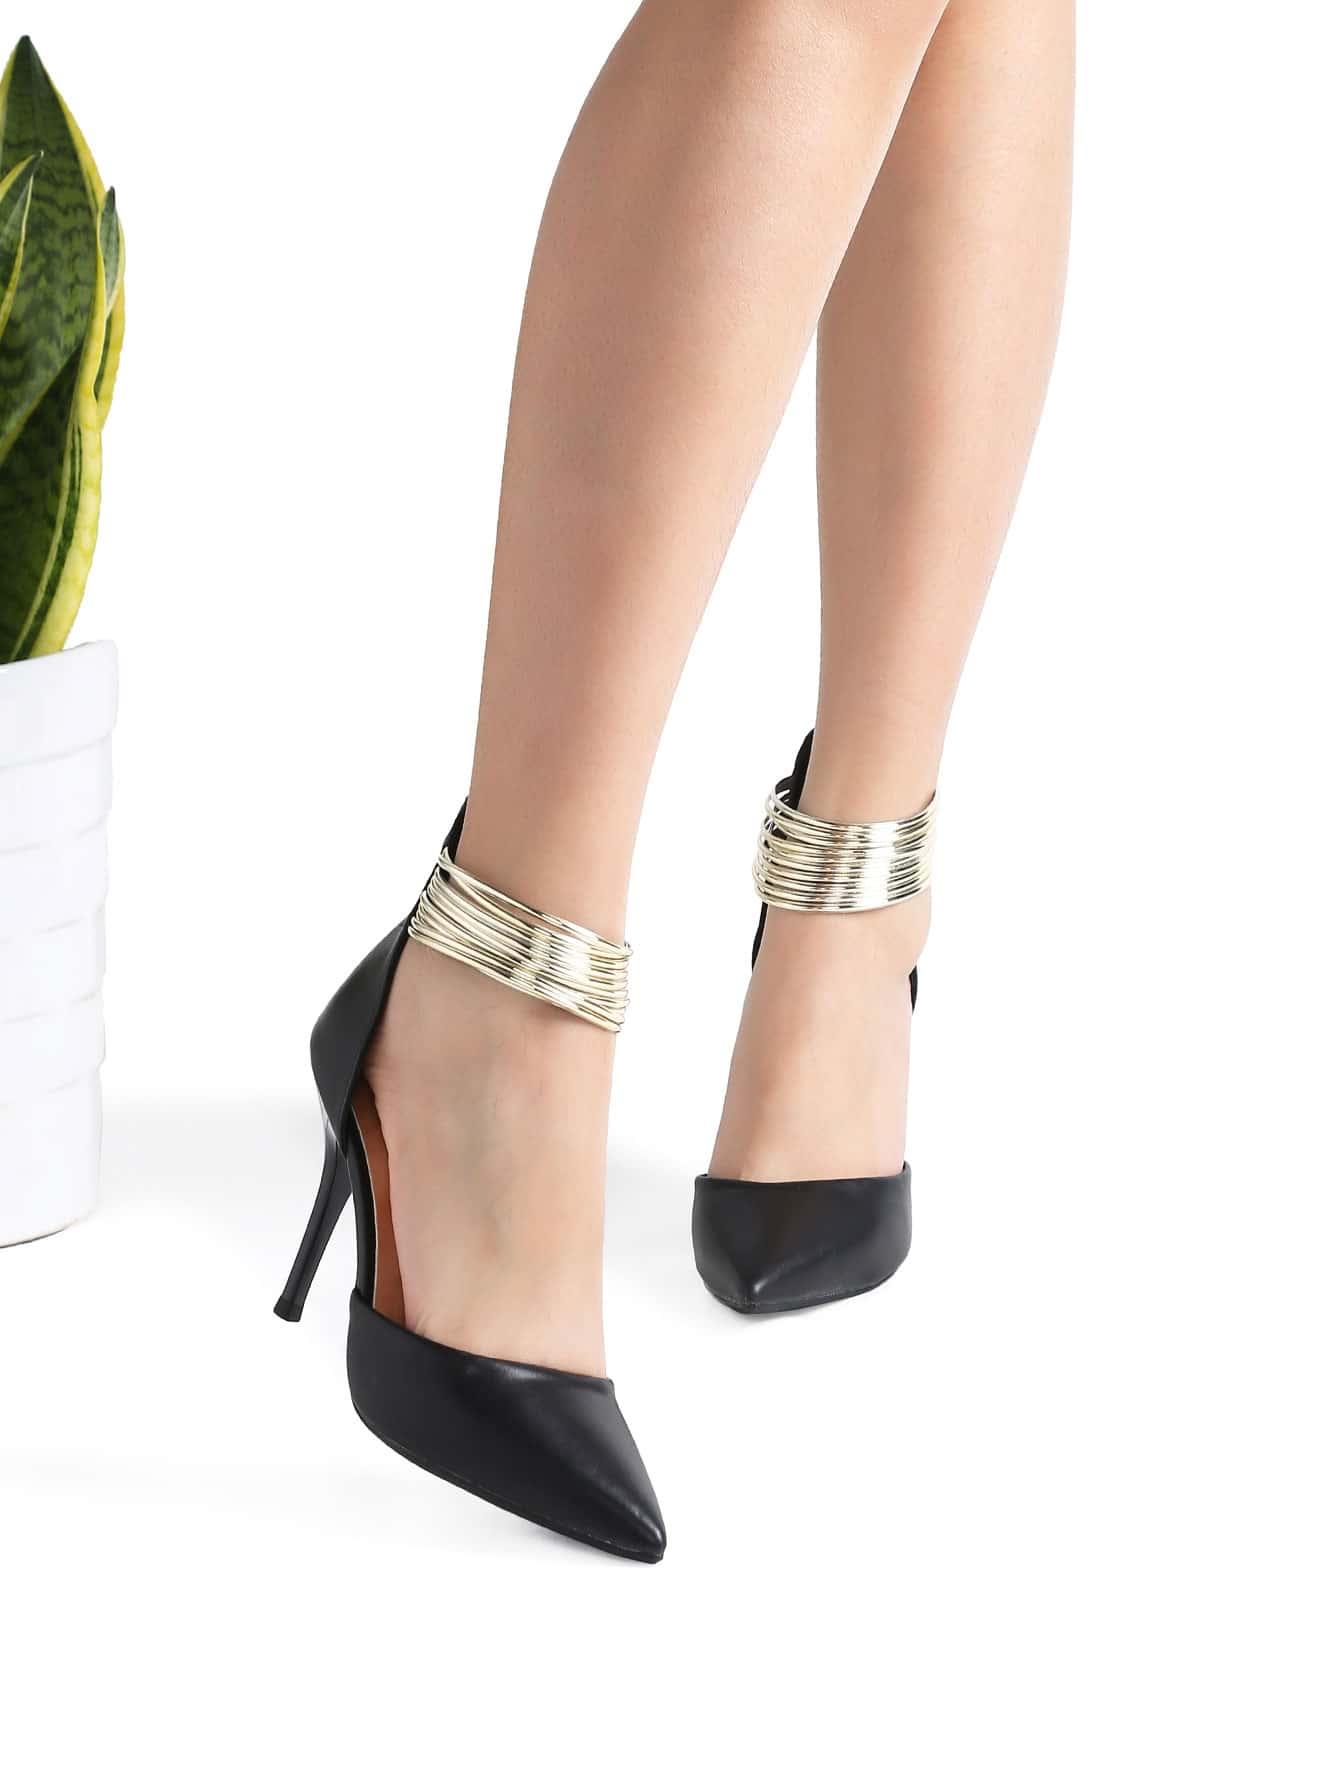 shoes170307804_2